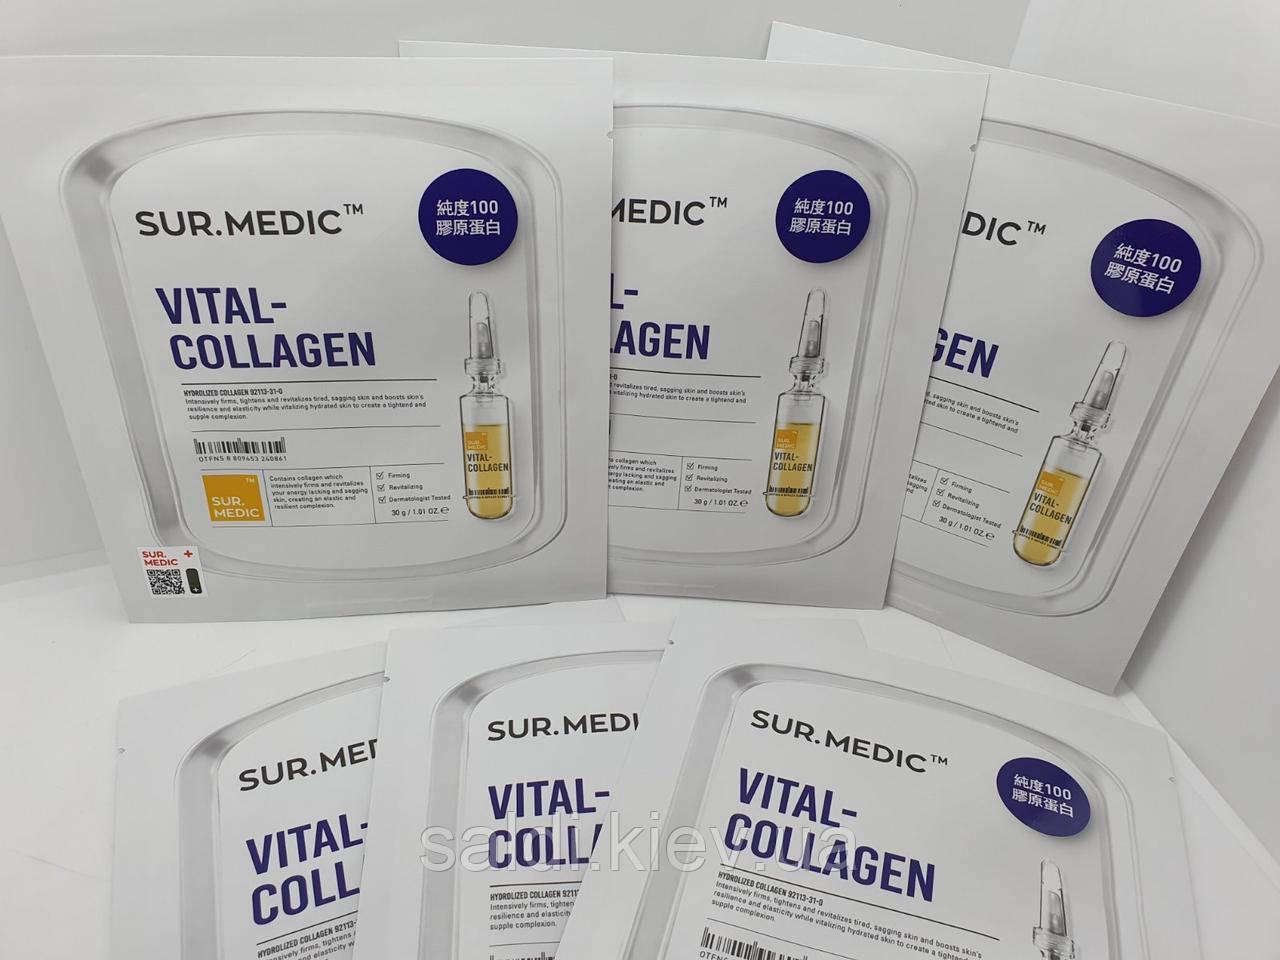 Тканевая маска для упругости и эластичности кожи Neogen Sur Medic Vital Collagen Mask